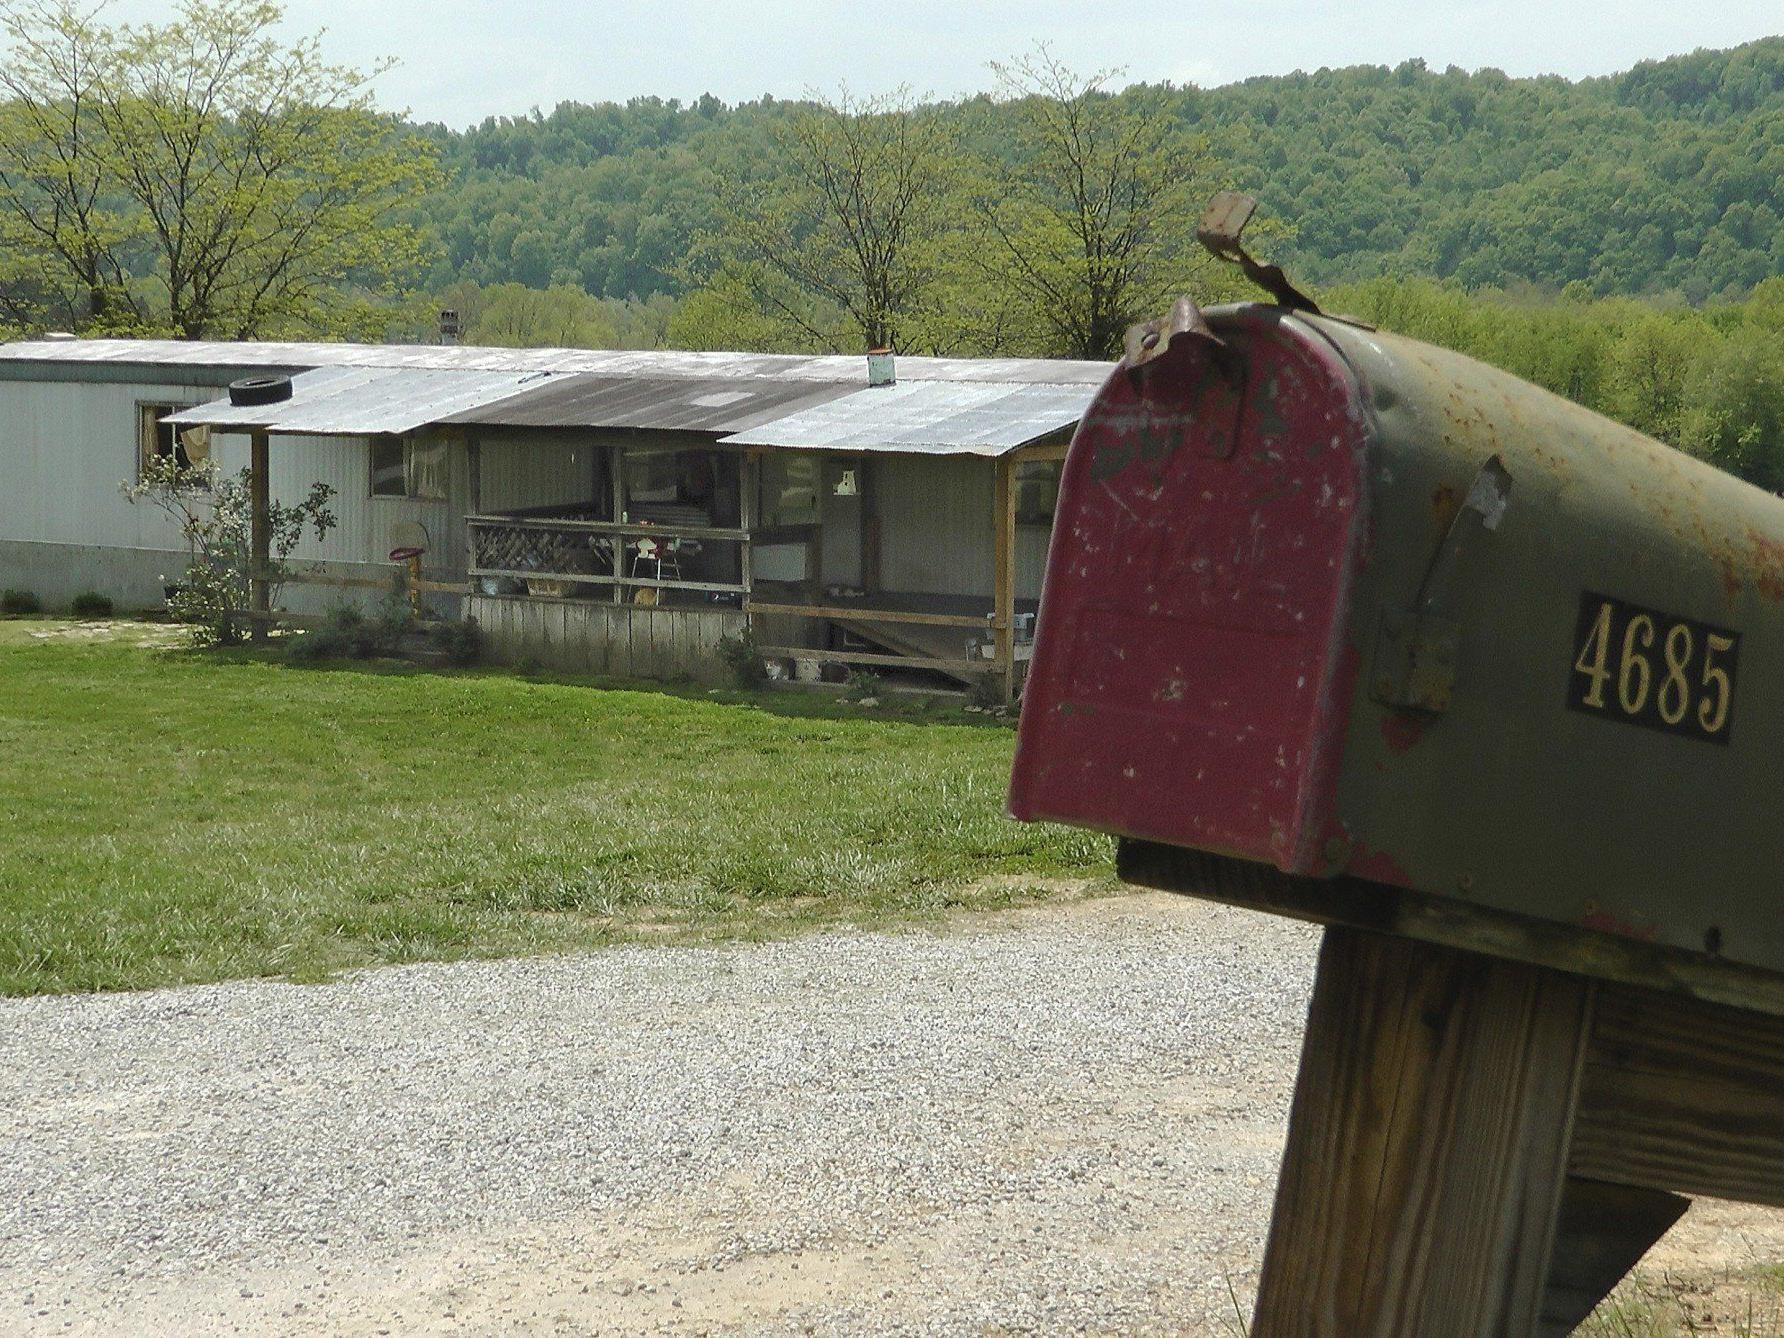 Mit der eigenen Waffe: Fünfjähriger in Kentucky erschoss seine zweijährige Schwester.